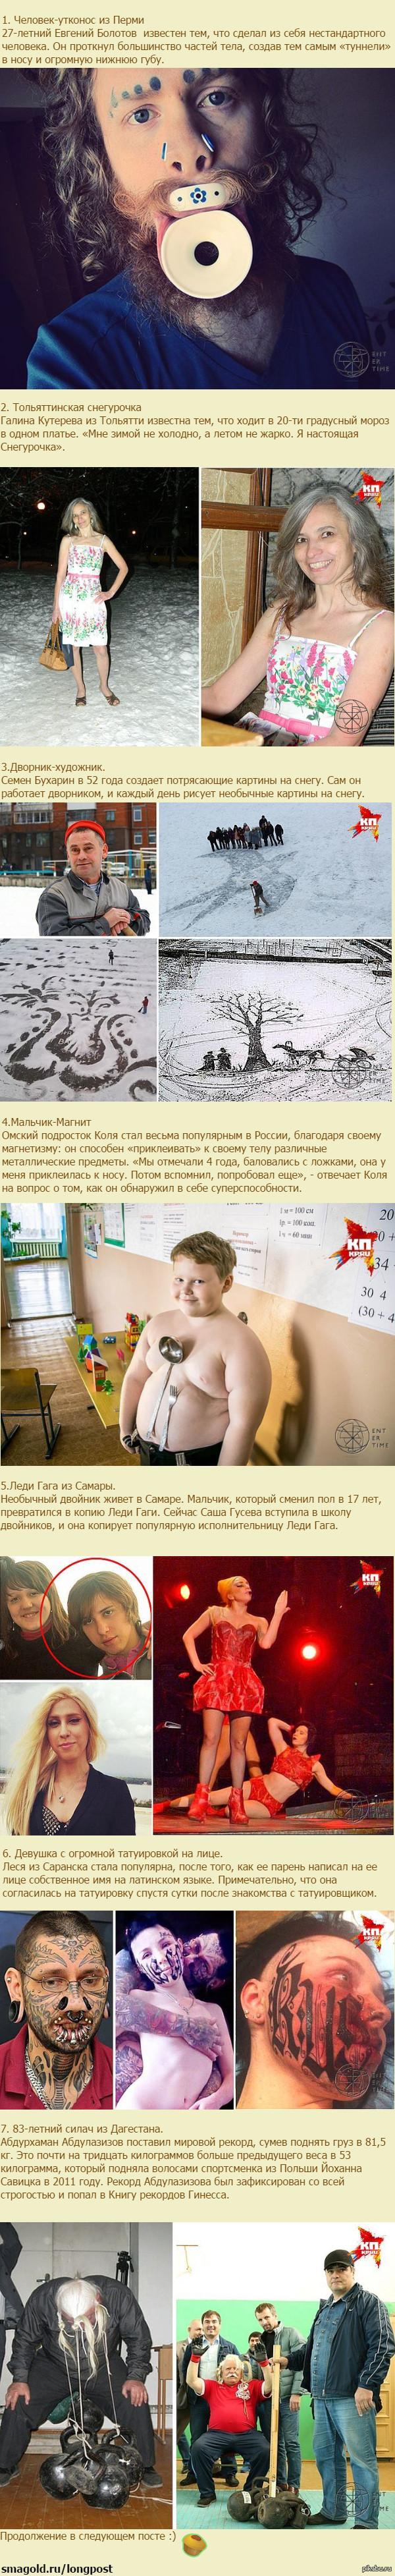 """ТОП-15 самых необычных людей в России.   1 часть. по мотивам поста <a href=""""http://pikabu.ru/story/yengelsskaya_quotbodibilder_s_litsom_barbiquot_voshla_v_top15_samyikh_neobyichnyikh_lyudey_rossii_2894375"""">http://pikabu.ru/story/_2894375</a>"""